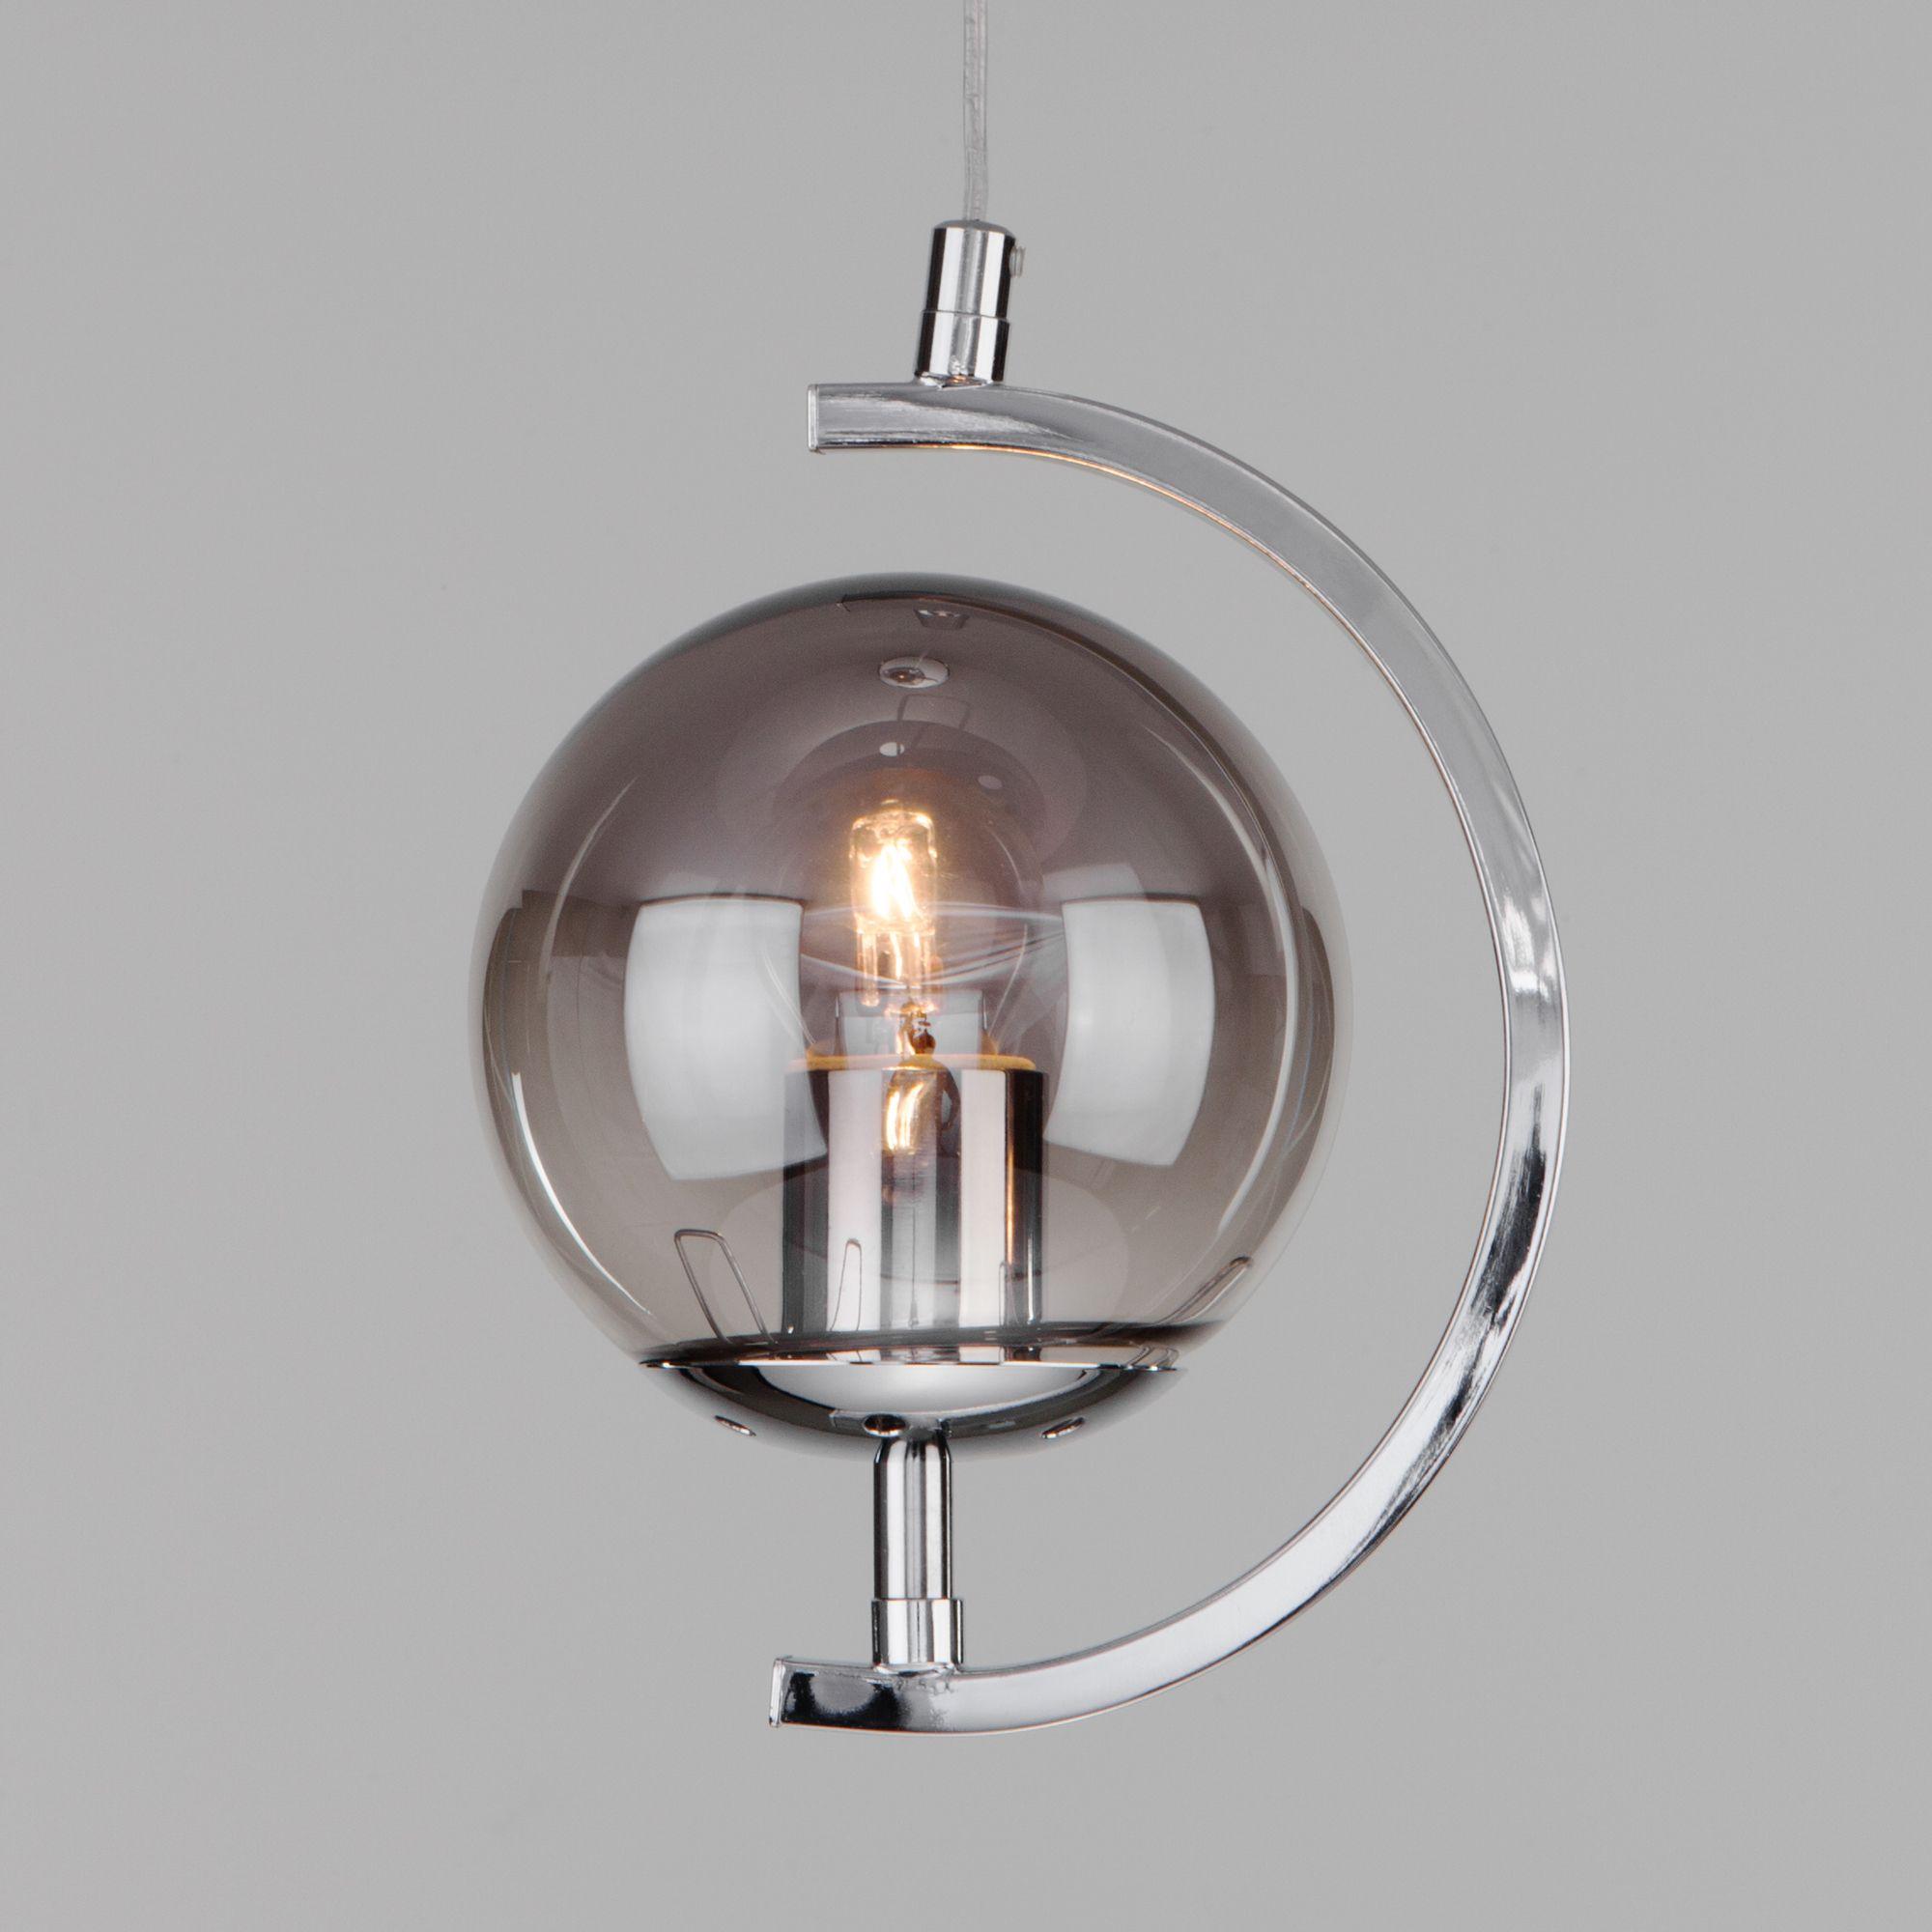 Подвесной светильник со стеклянным плафоном 50072/1 хром